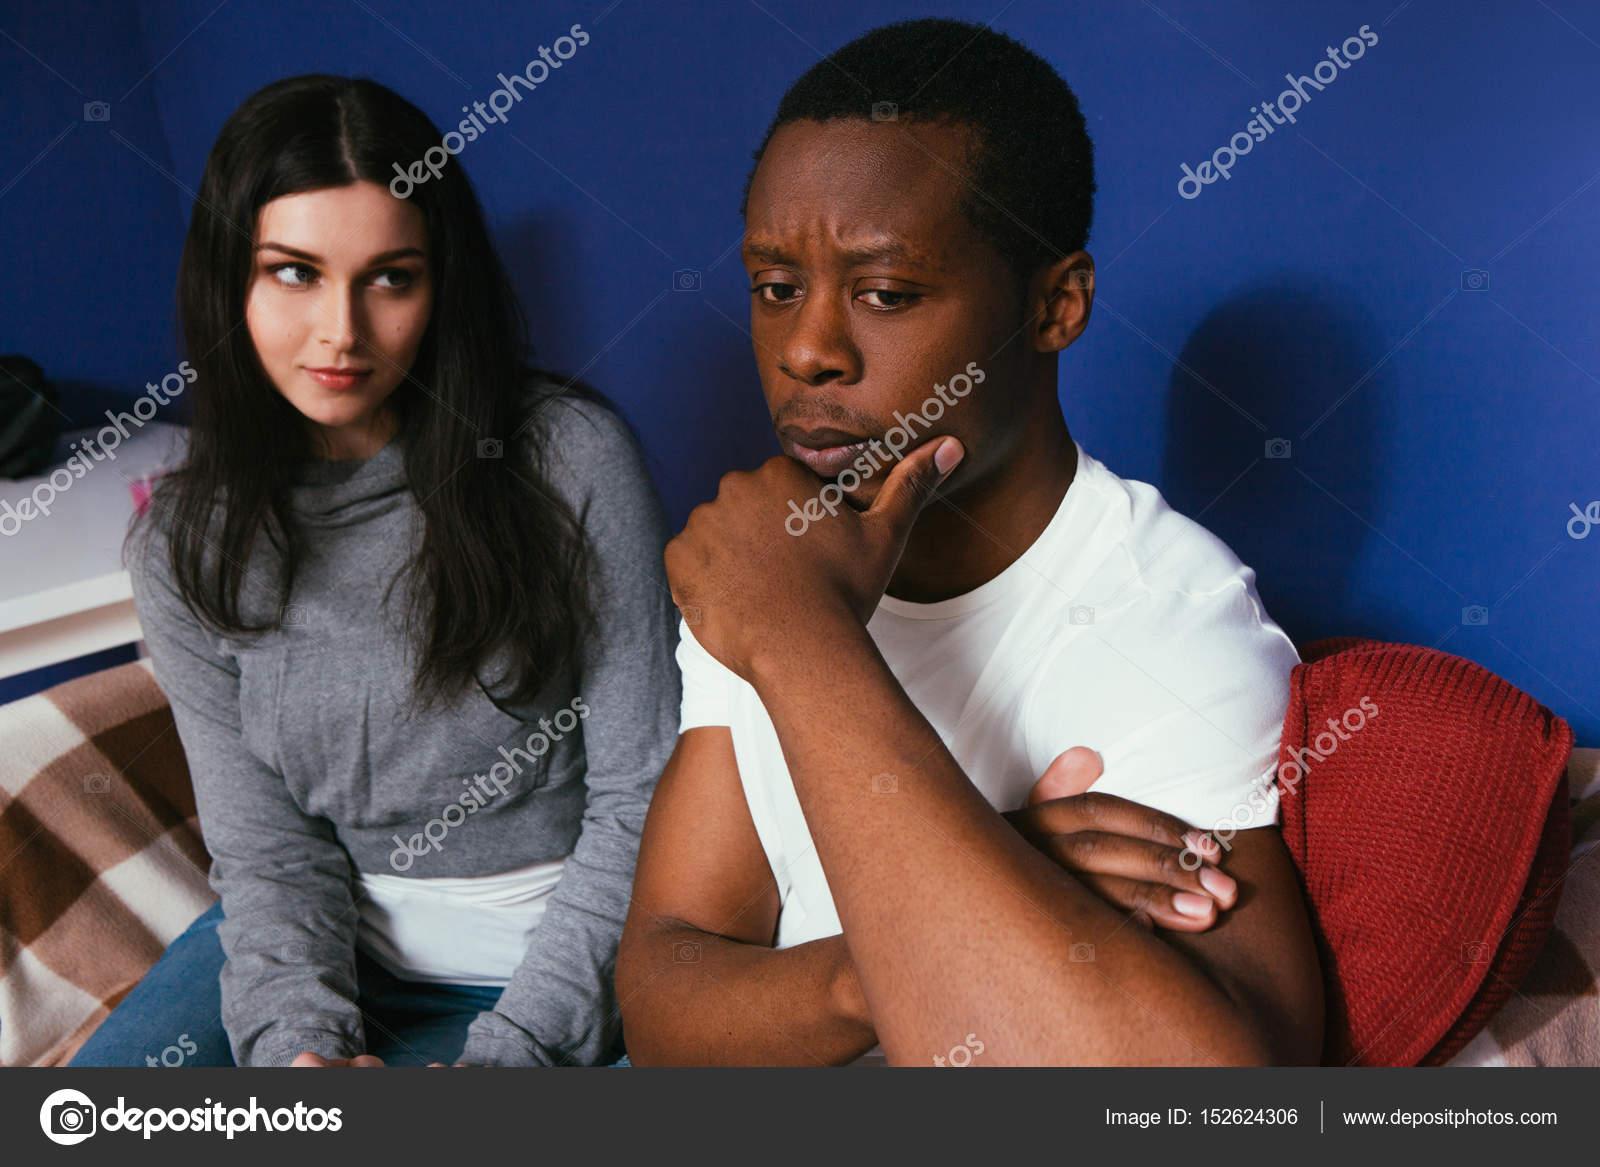 Interracial schwarzer Mann weiße Frau